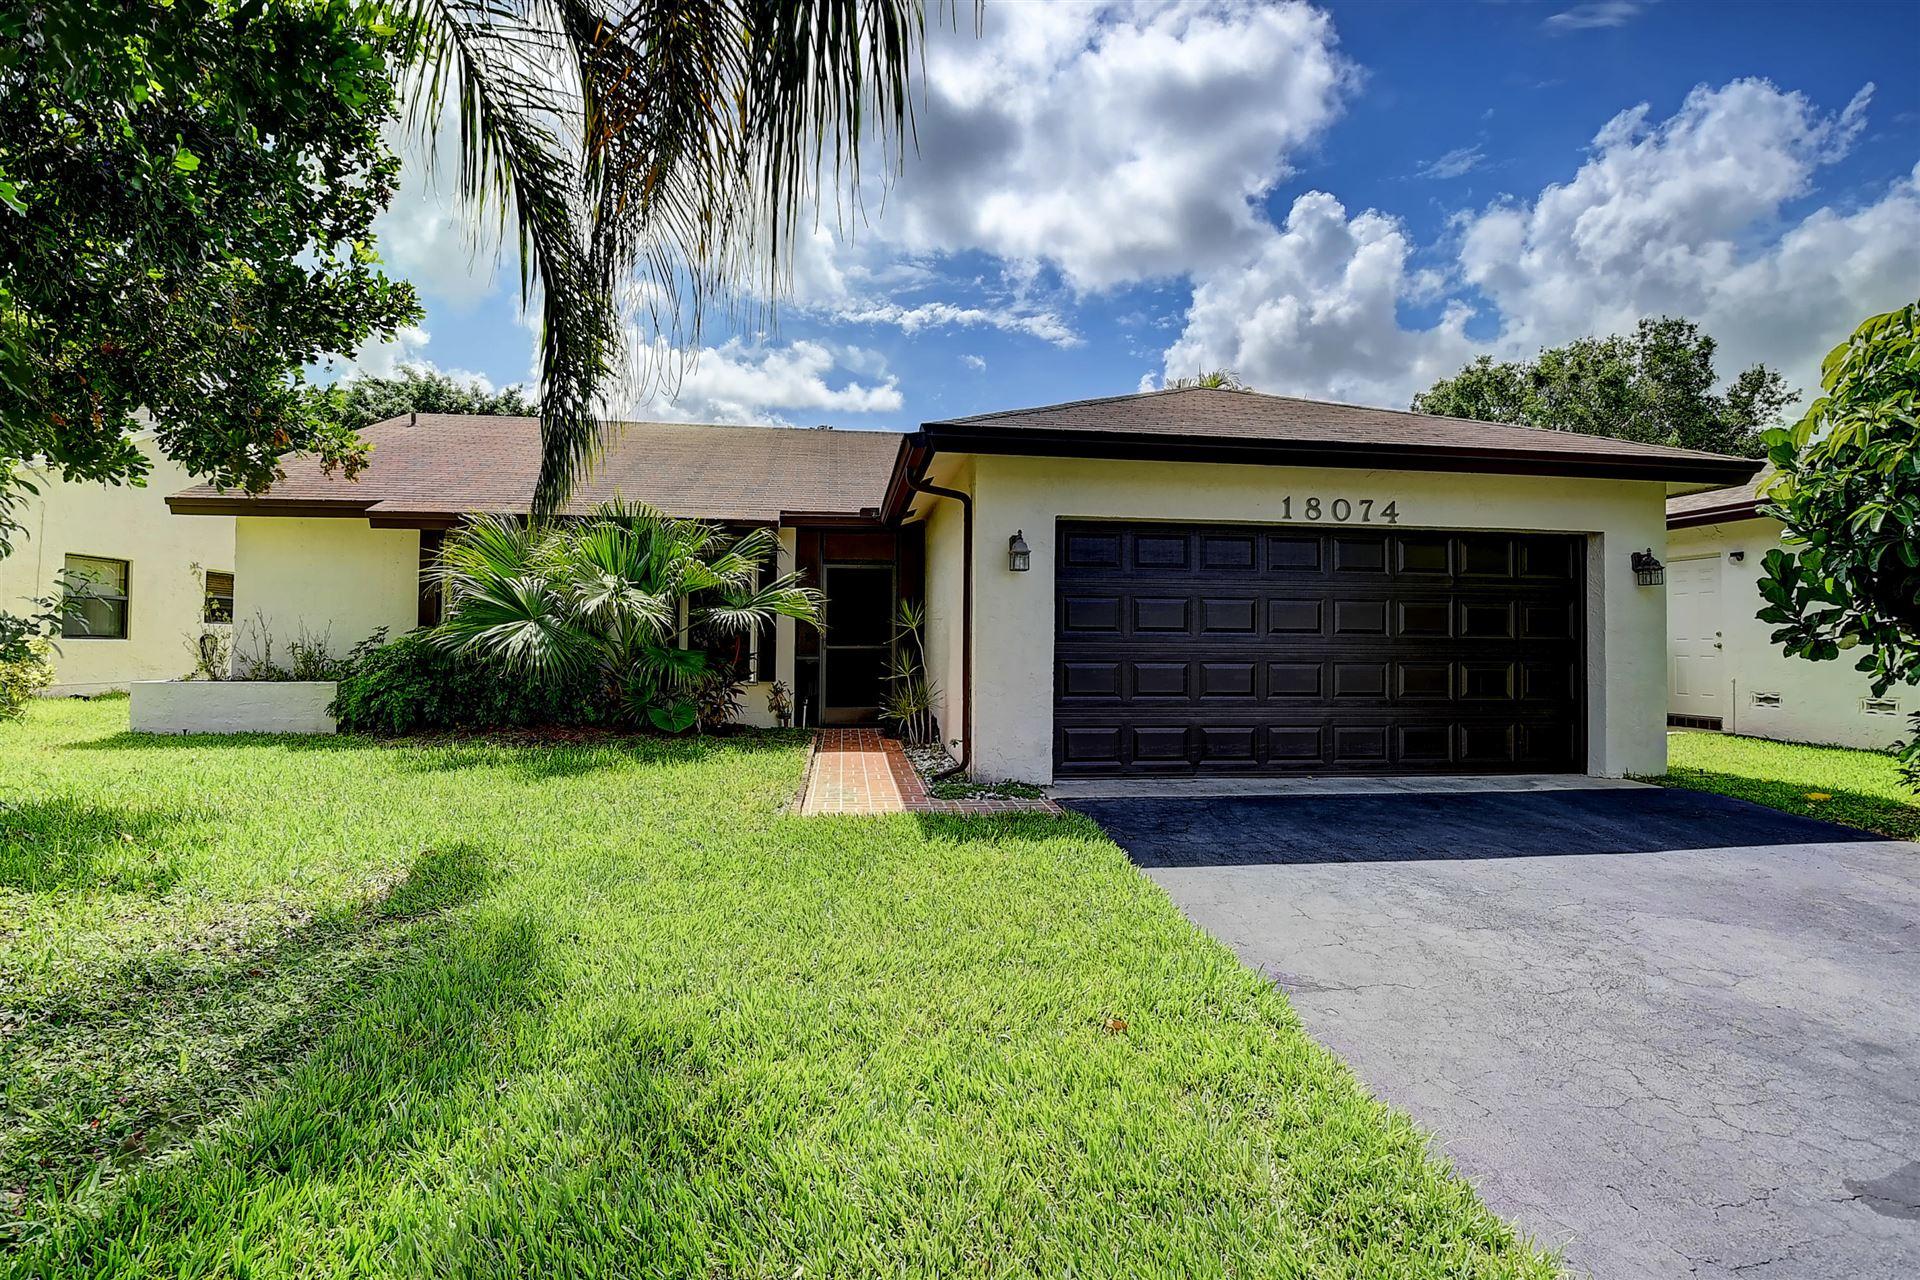 18074 105th Avenue S, Boca Raton, FL 33498 - MLS#: RX-10722215